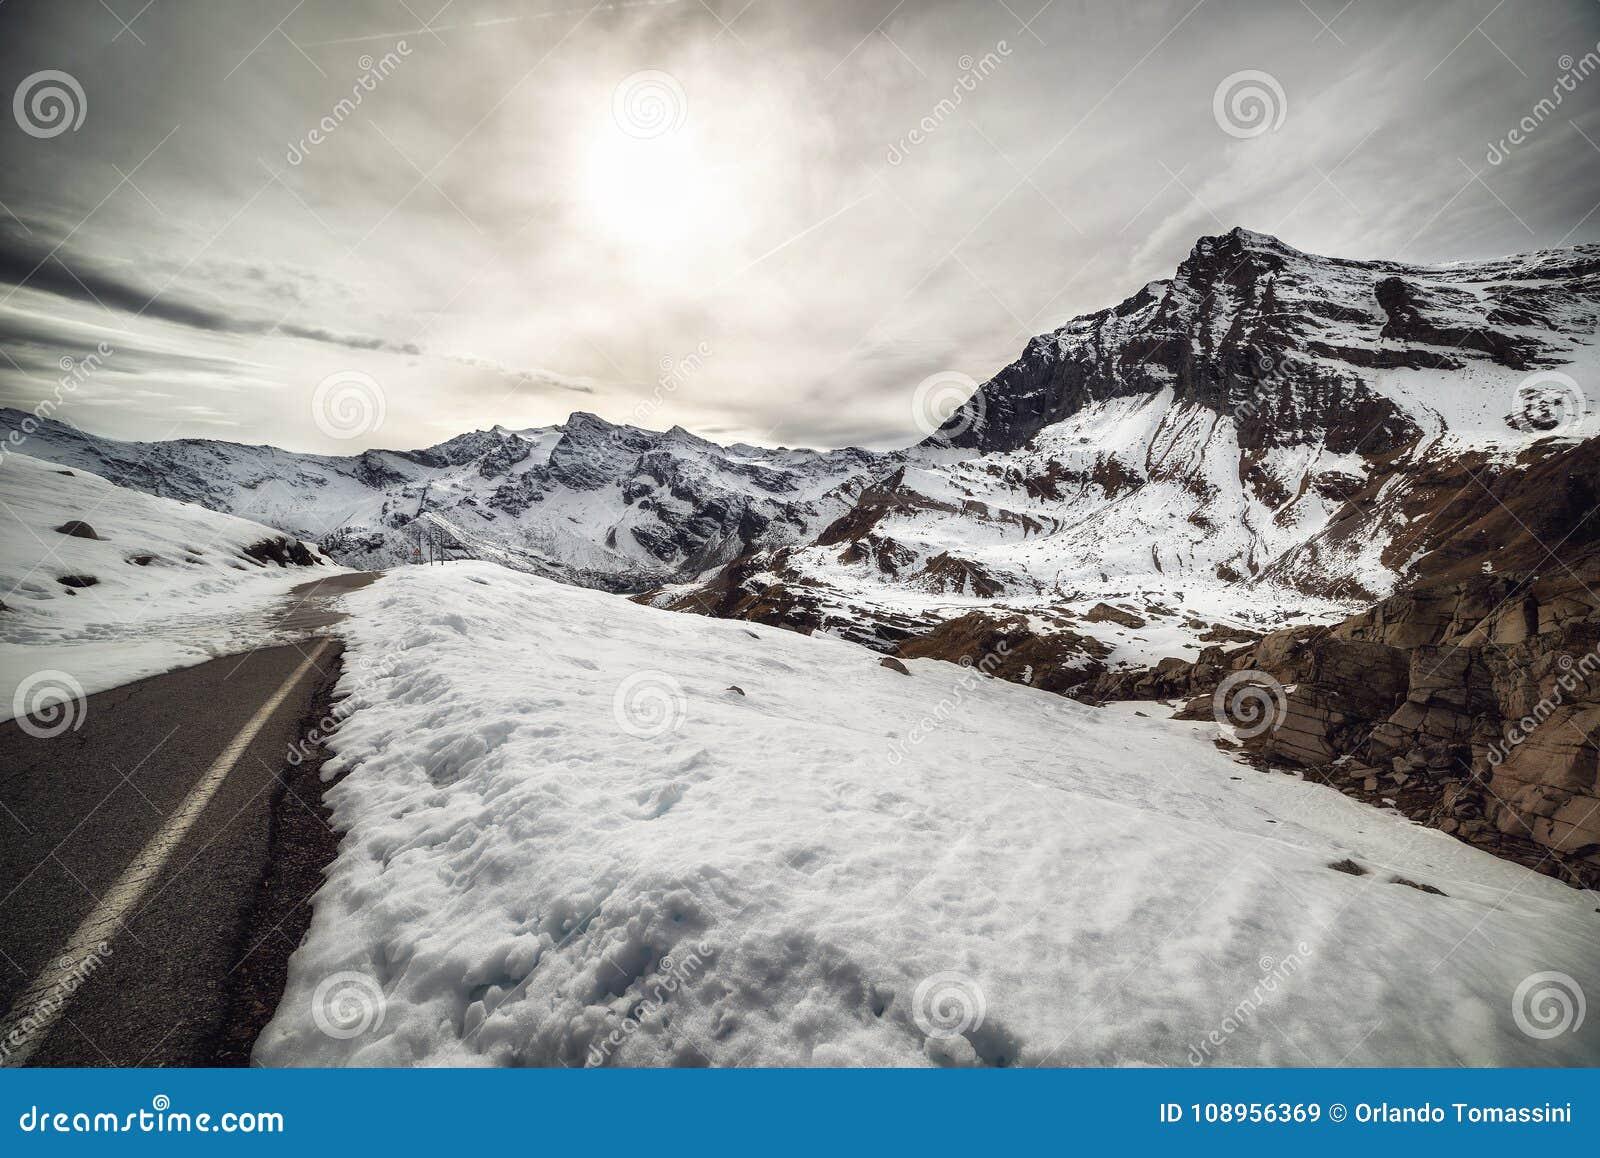 Die schneebedeckten Berge